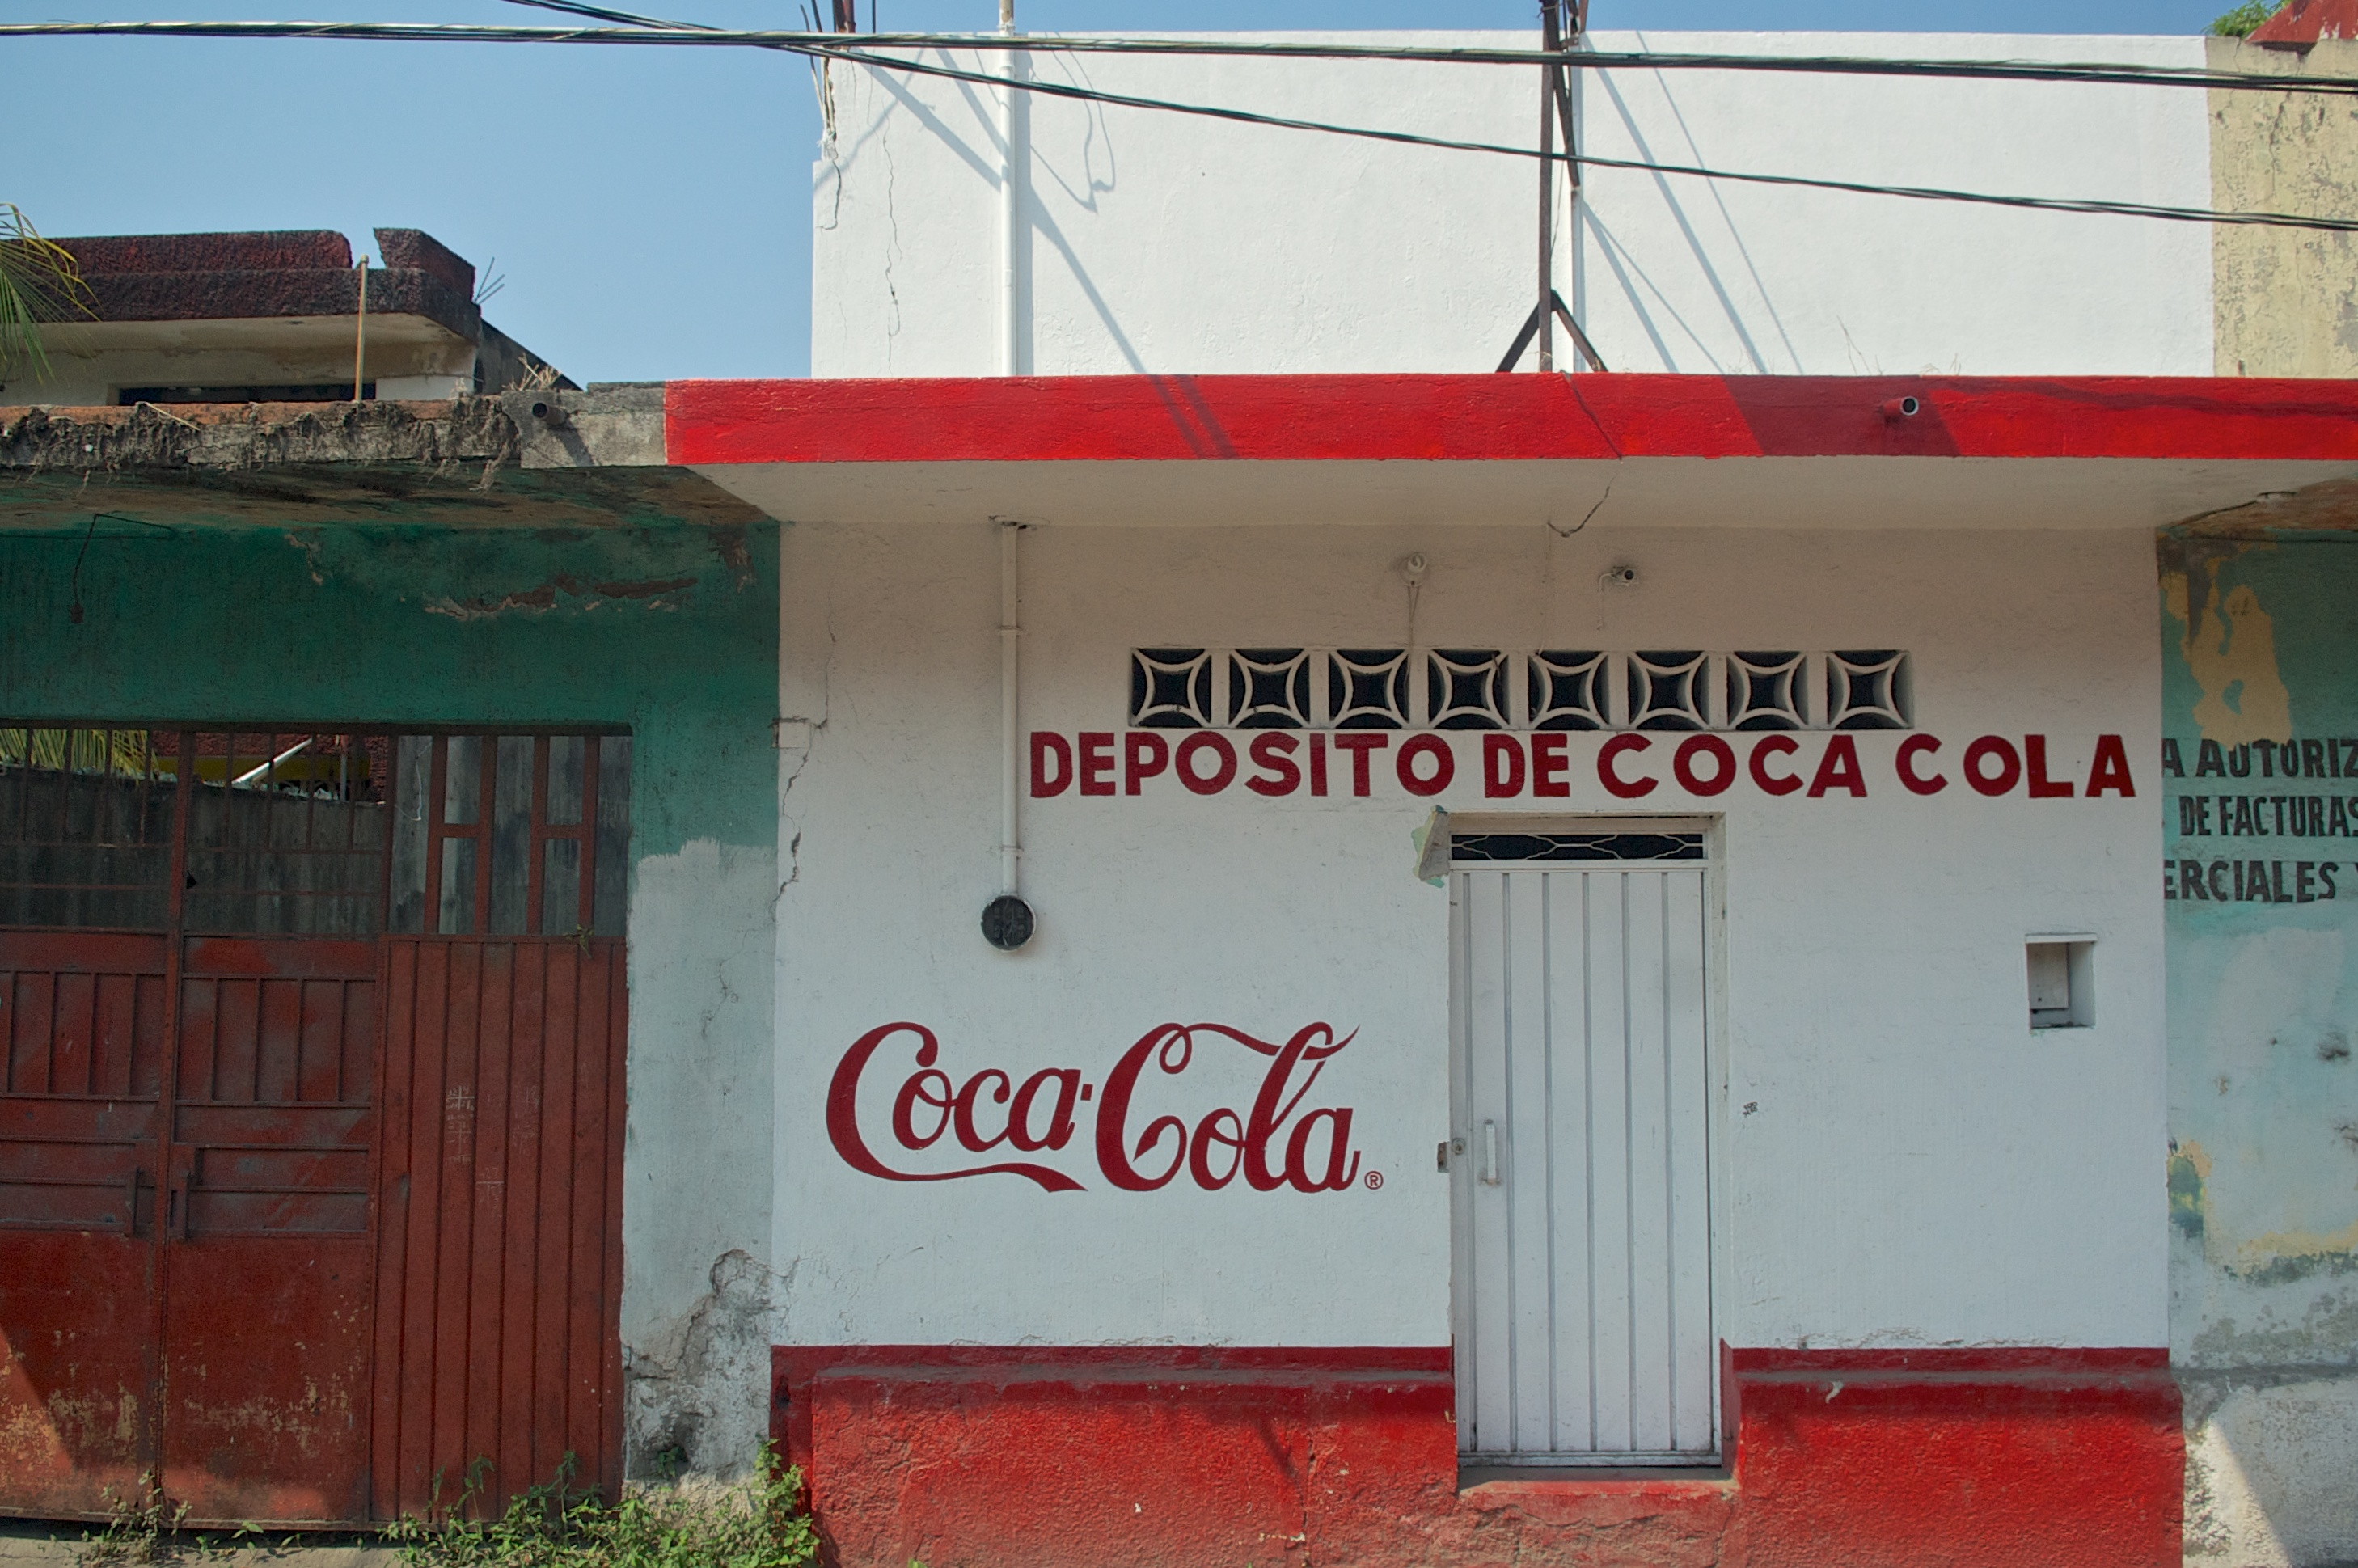 deposito de coca cola